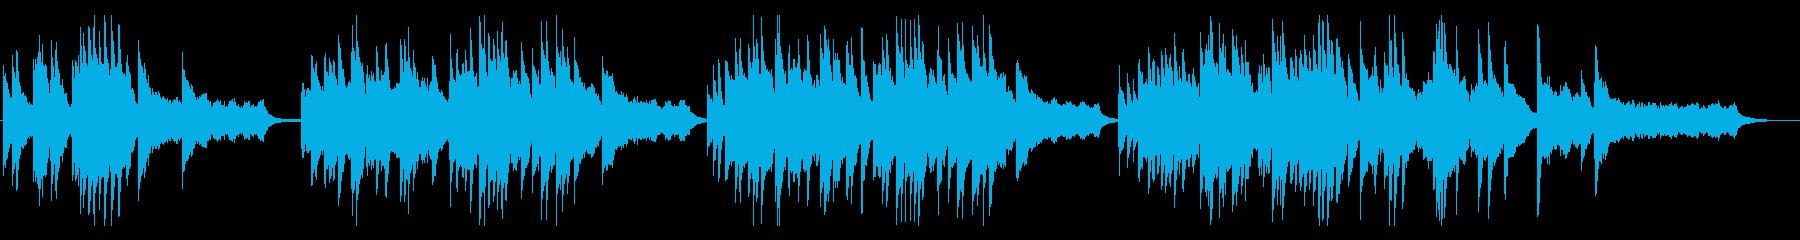 優しく美しい旋律のピアノの曲の再生済みの波形